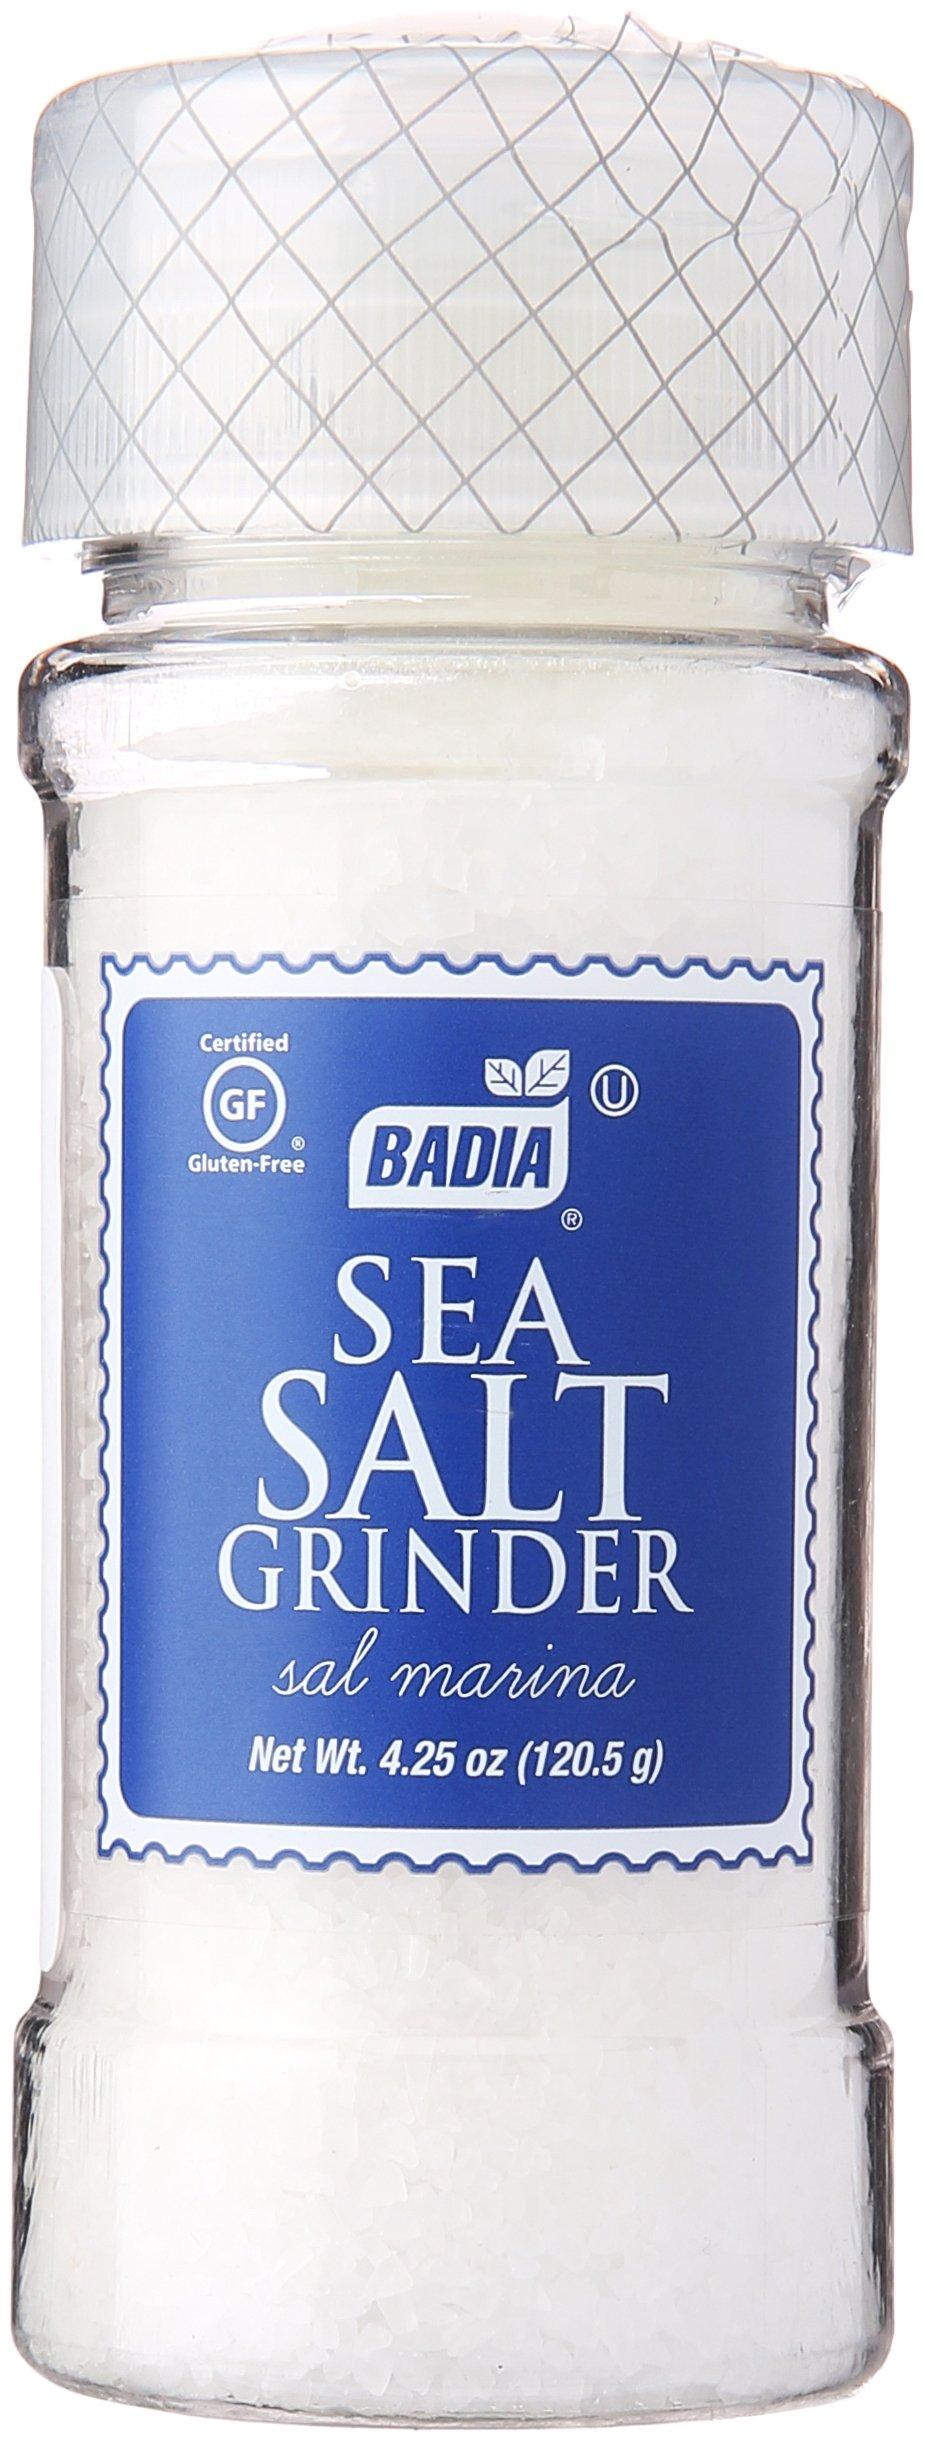 Badia Grinder Salt, 4.25 oz